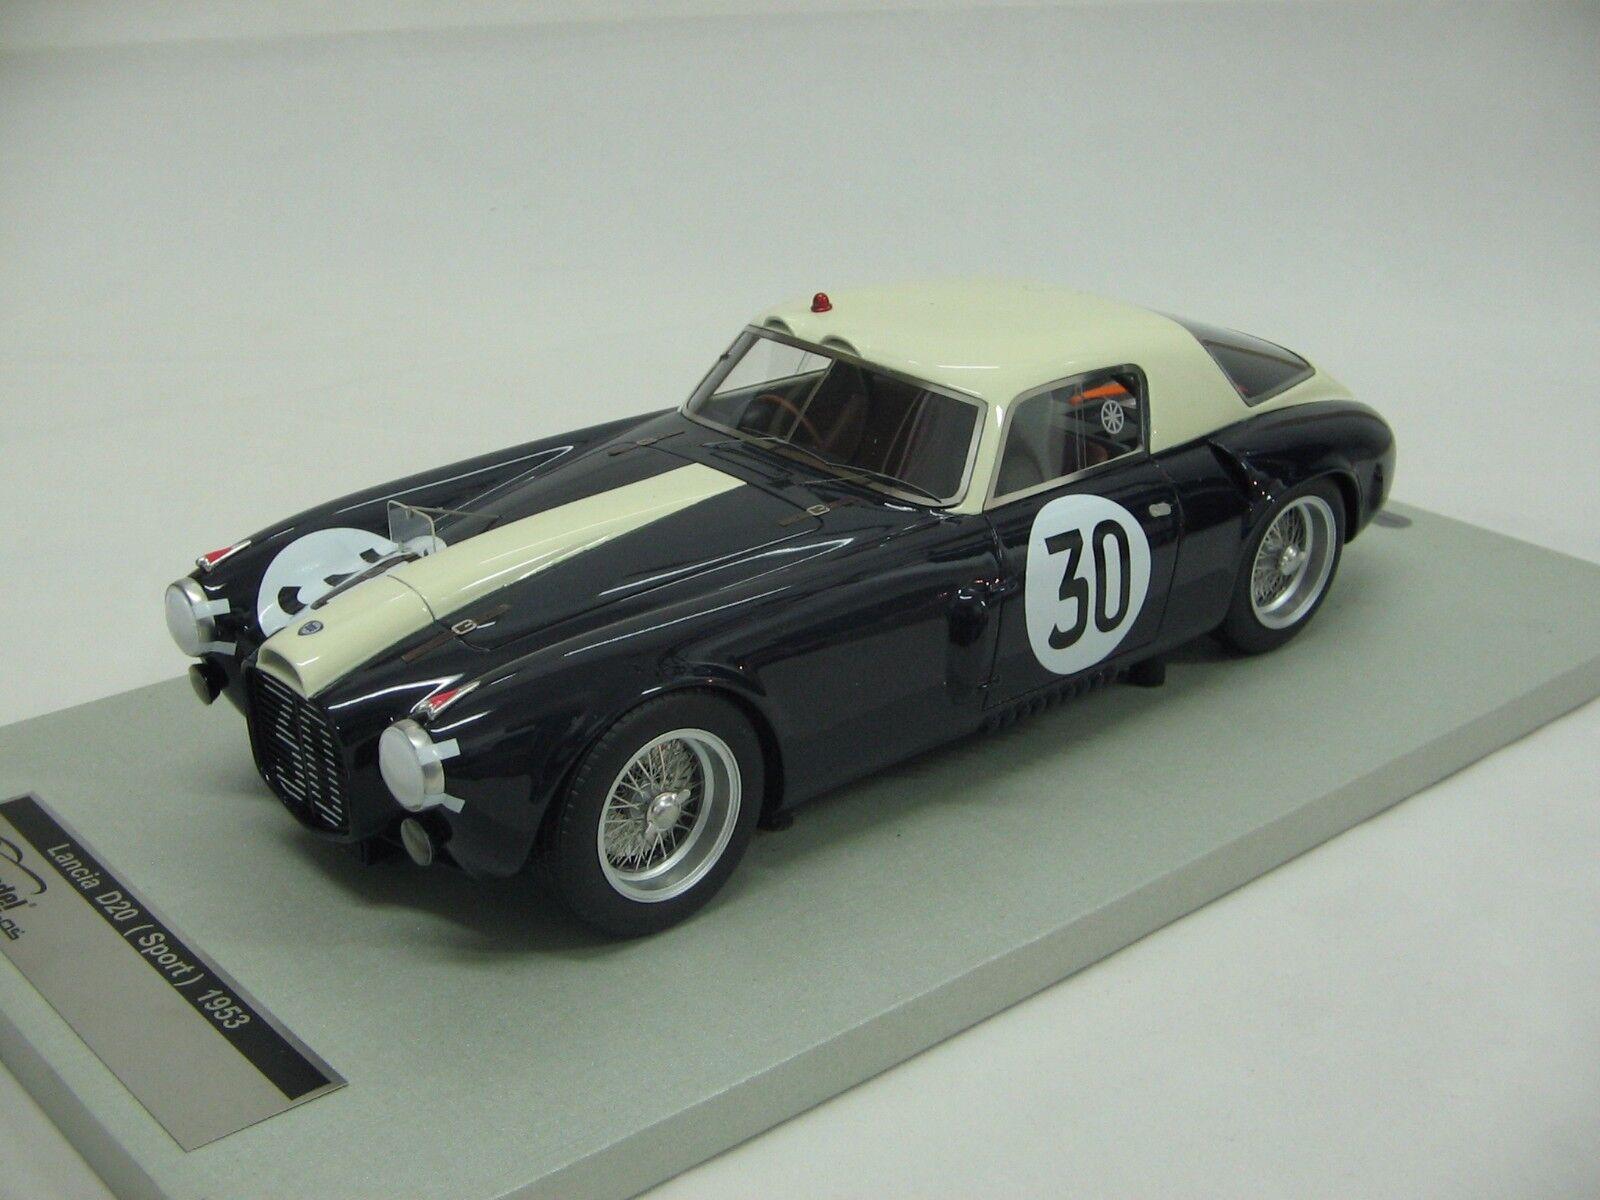 1 18 scale Tecnomodel Lancia D20 Corsa Coupè Le Mans 24h 1953 car  30 - TM18-41A